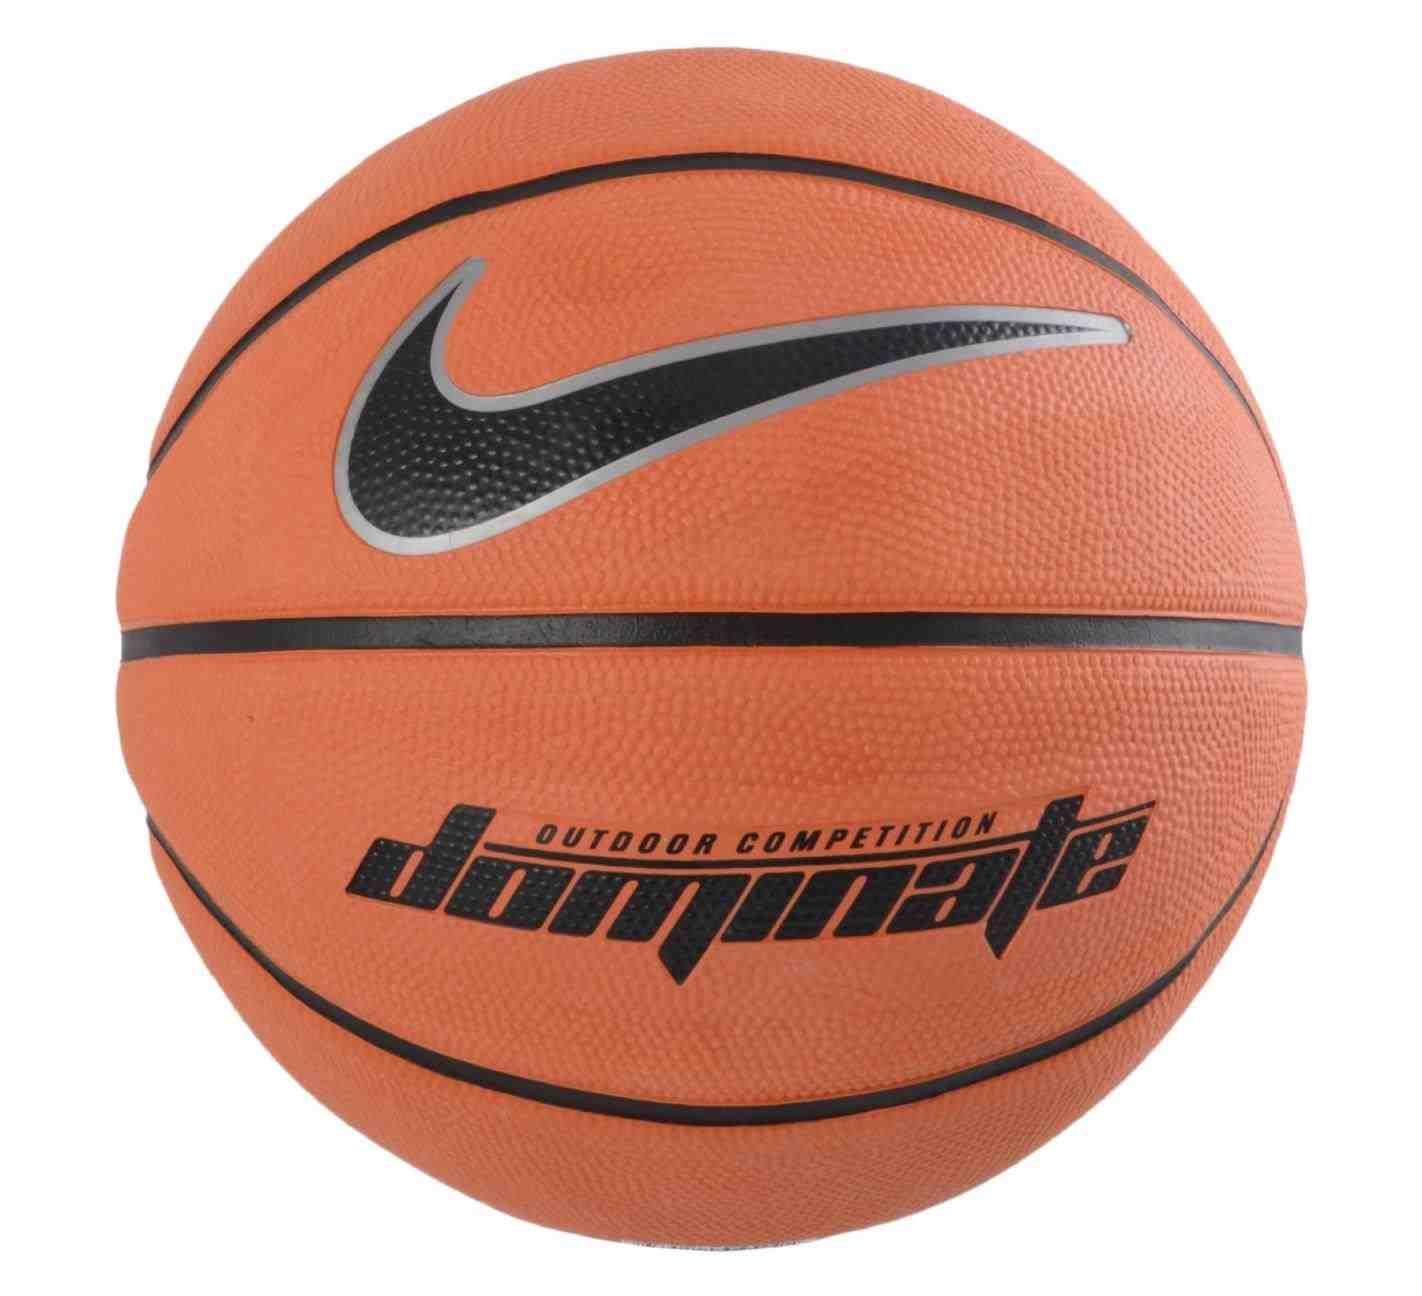 Cool Basketball Wallpapers: Nike Basketball Screensavers